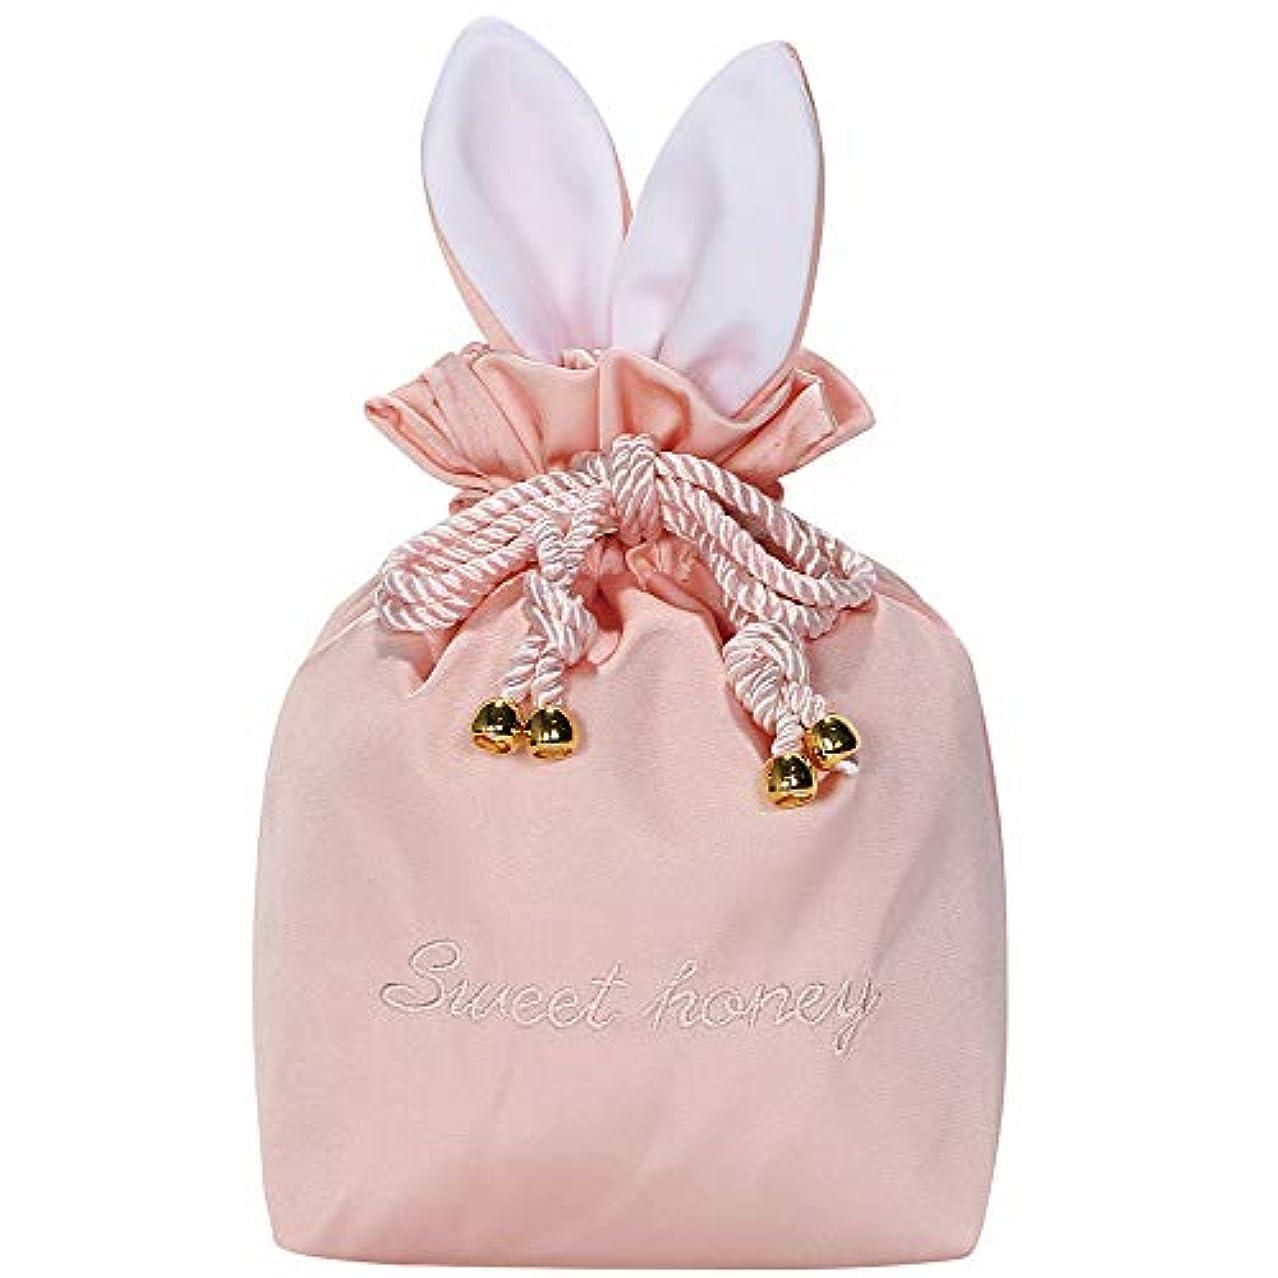 話す邪悪なクリスマス【KIRAHOLL】ラパンポーチ ウサギ うさぎ ブランド かわいい おしゃれ ピンク アニマル 巾着 メイク 化粧ポーチ 小物入れ (ピンク)